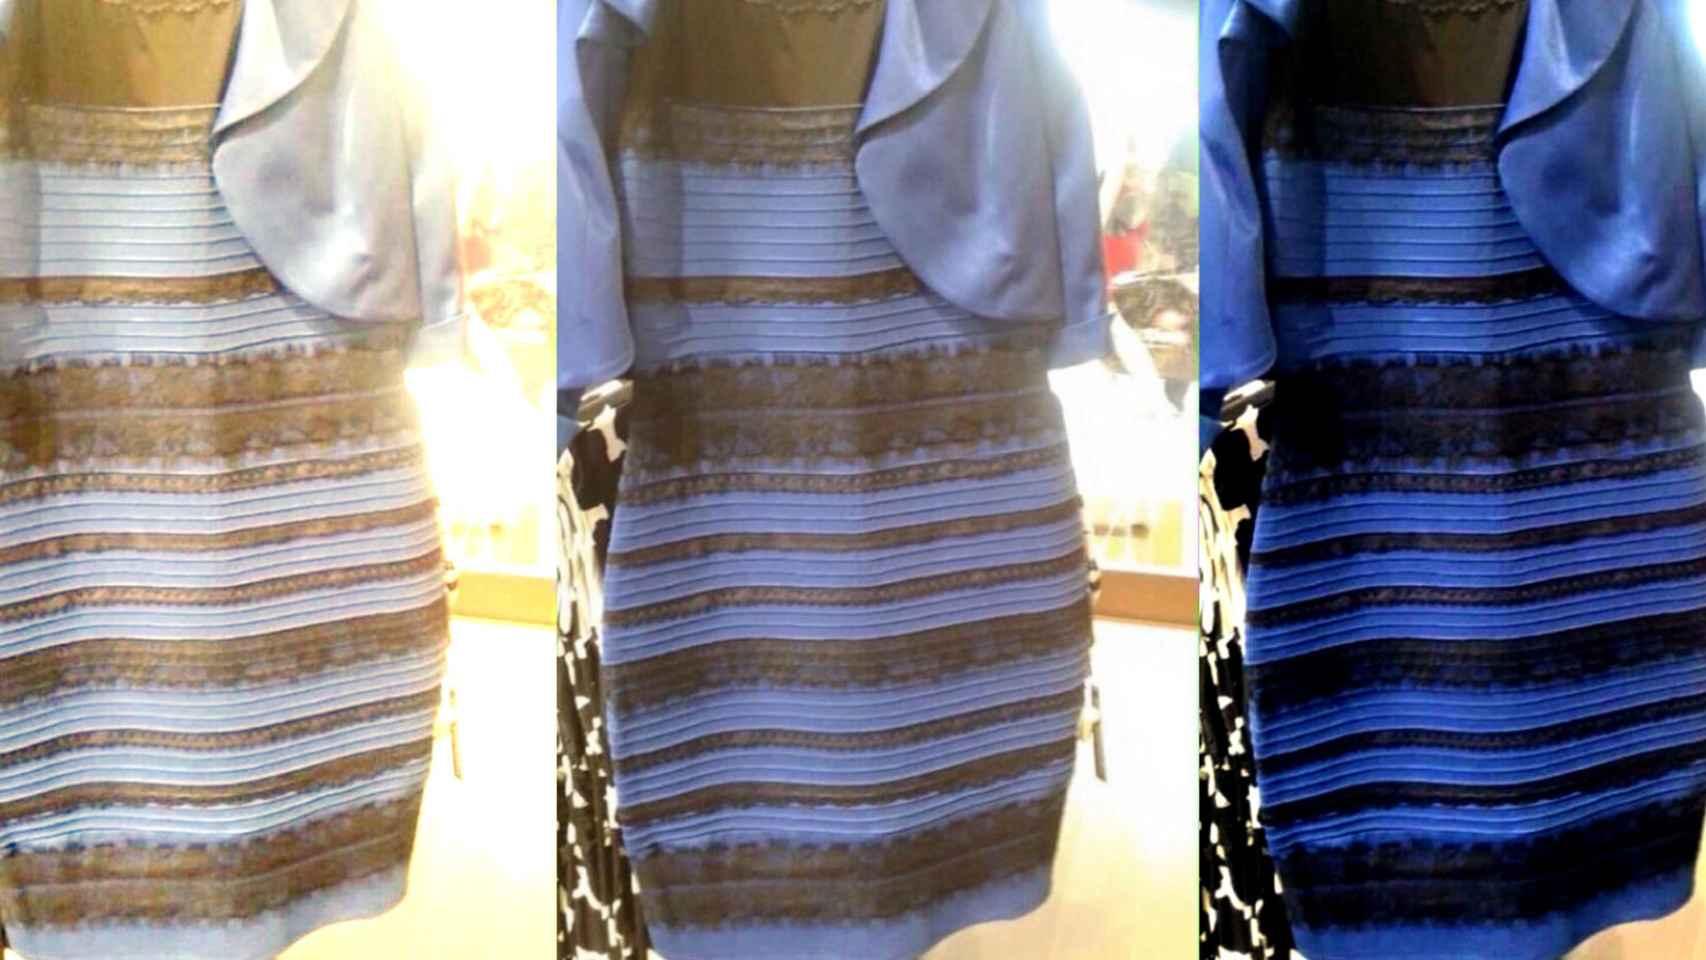 El famoso caso del vestido dio lugar a tres estudios científicos.